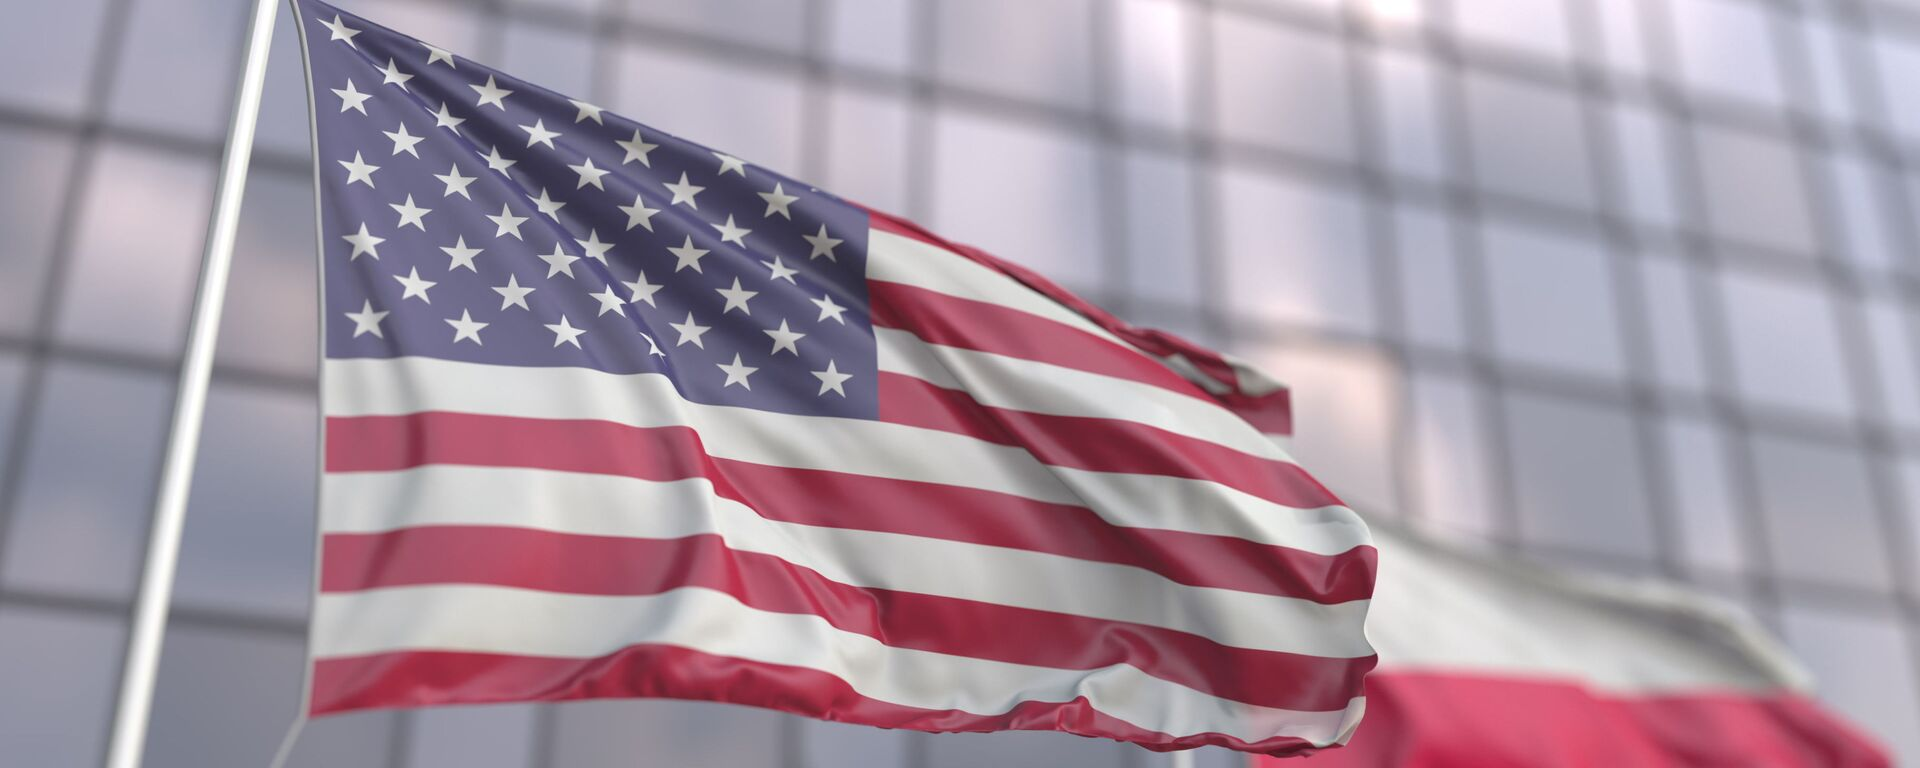 Flagi USA i Polski - Sputnik Polska, 1920, 23.07.2021